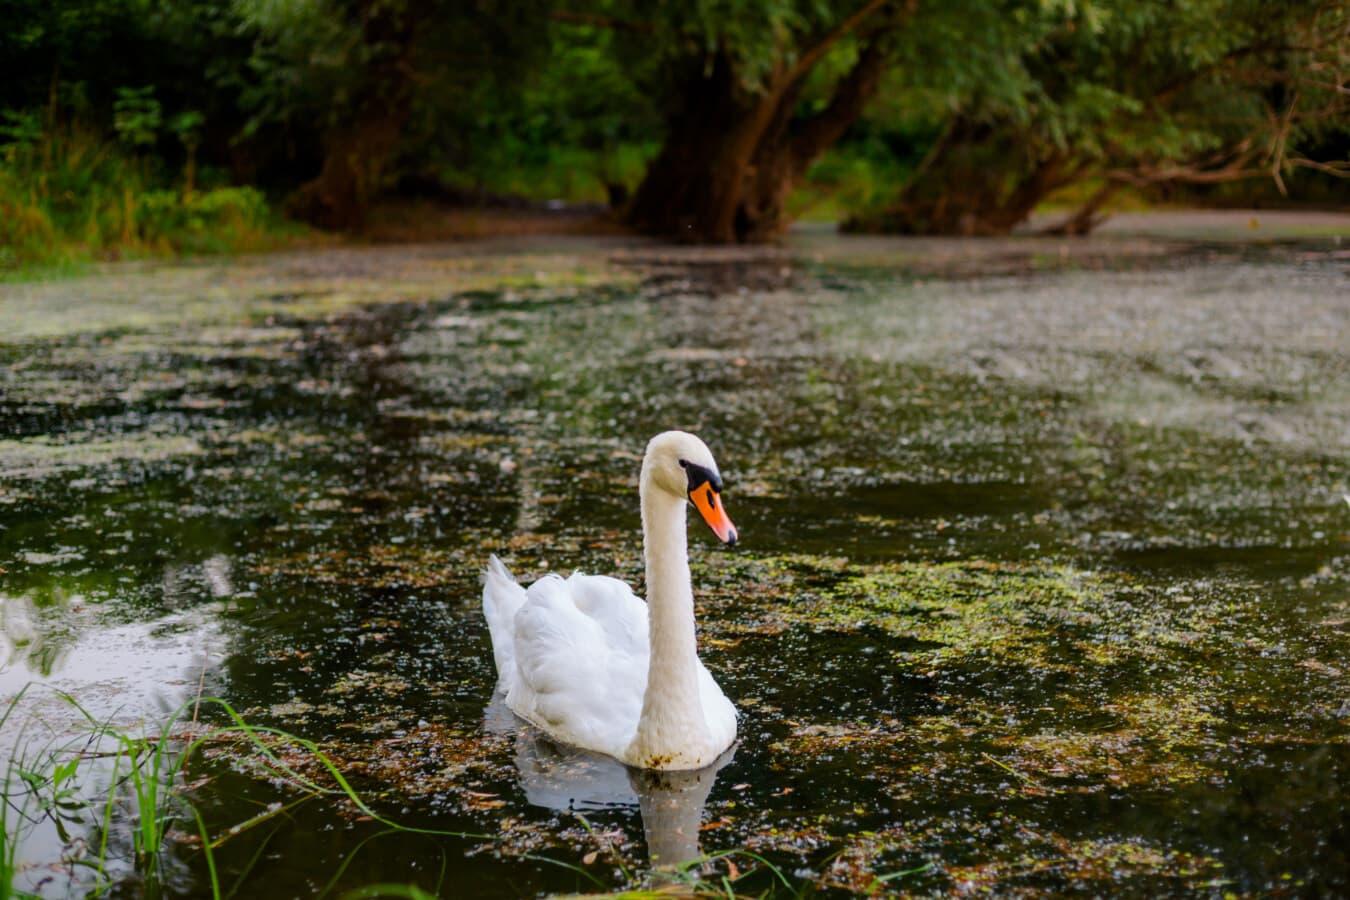 belle, cygne, terrain marécageux, marais, nature, eau, oiseau, Lac, à l'extérieur, faune